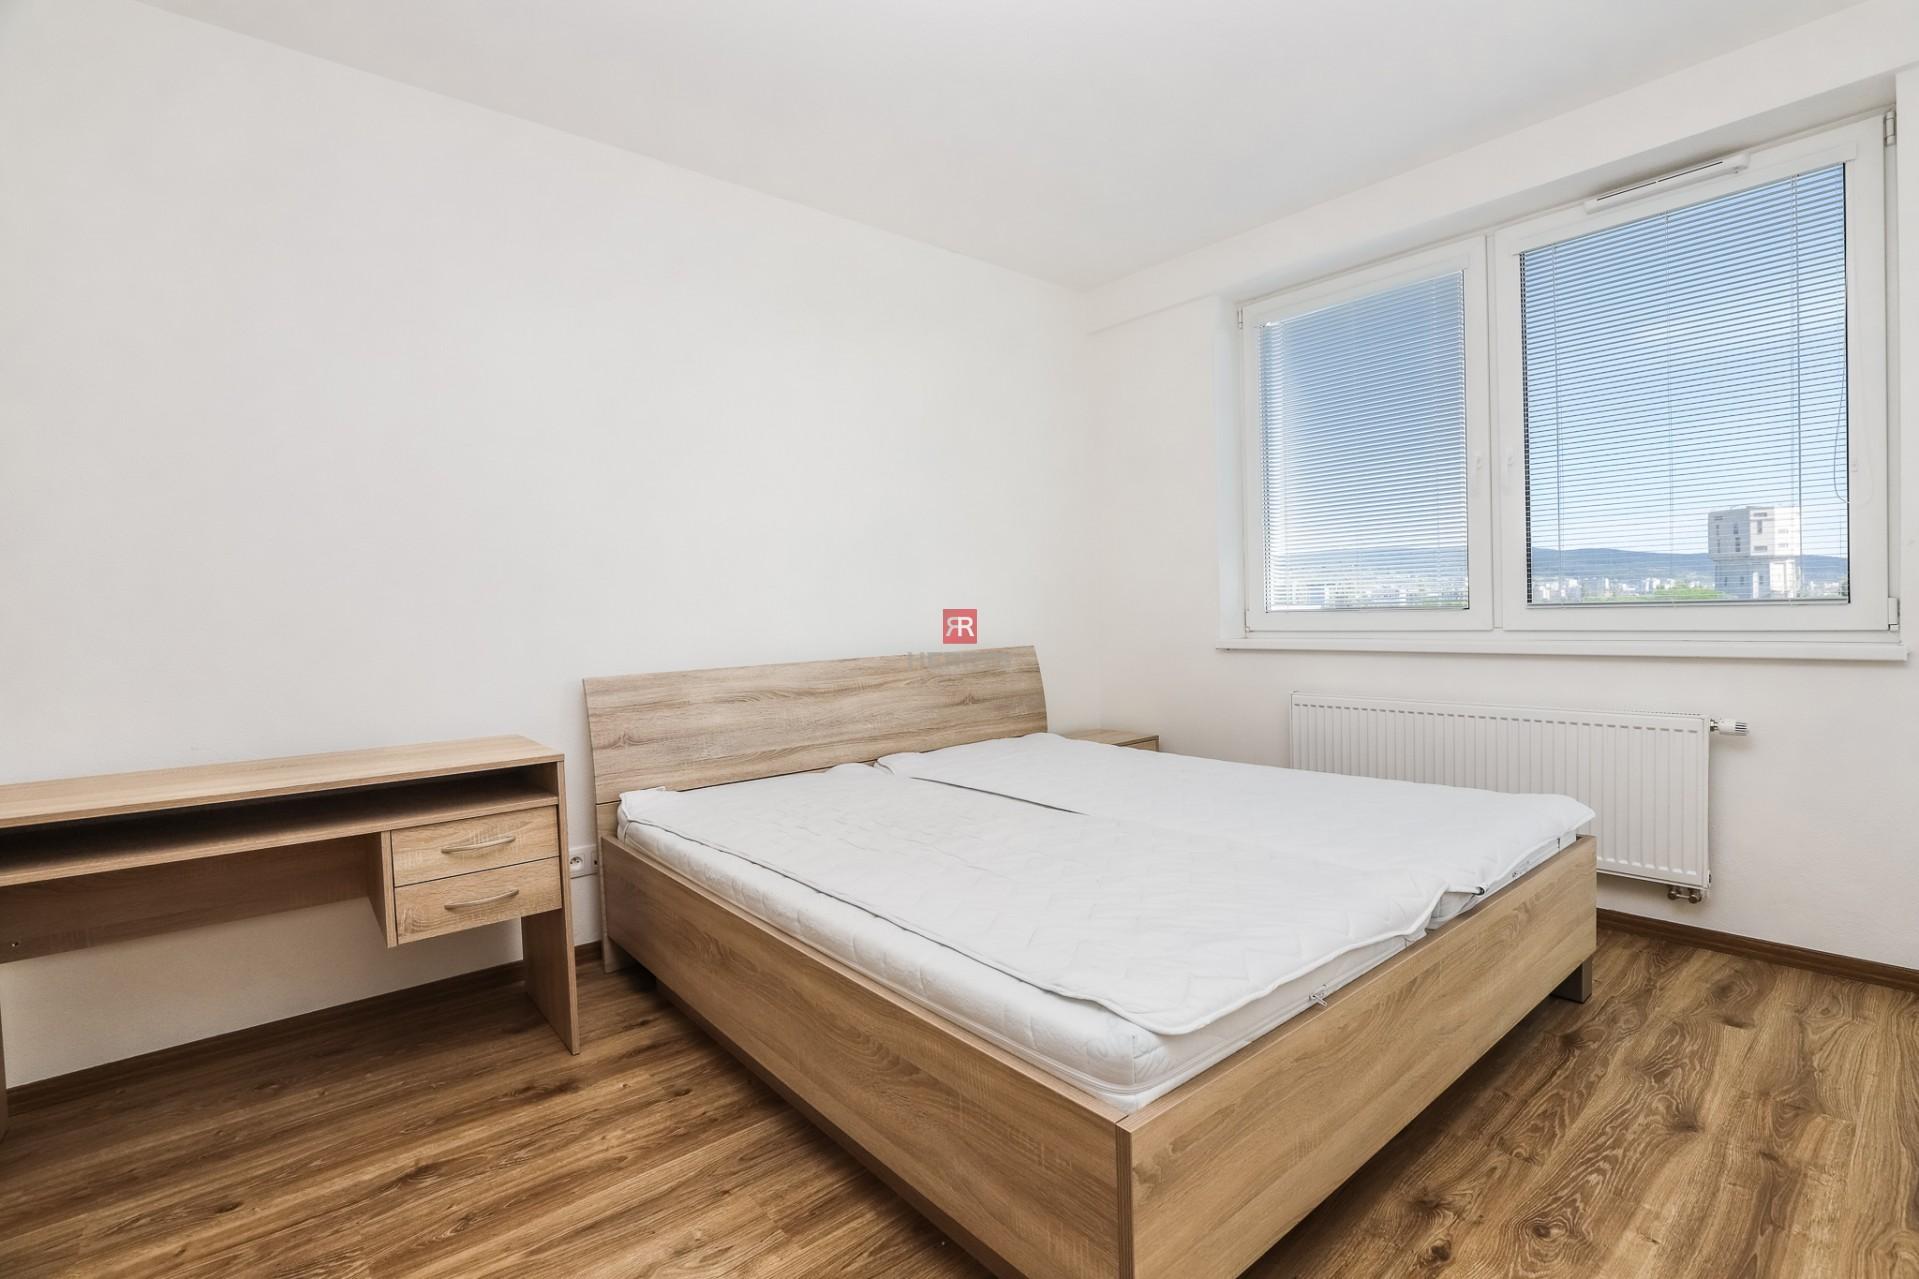 HERRYS - Na prenájom kompletne zariadený 2 izbový byt s garážovým státím a pivnicou v novostavbe Nobelova